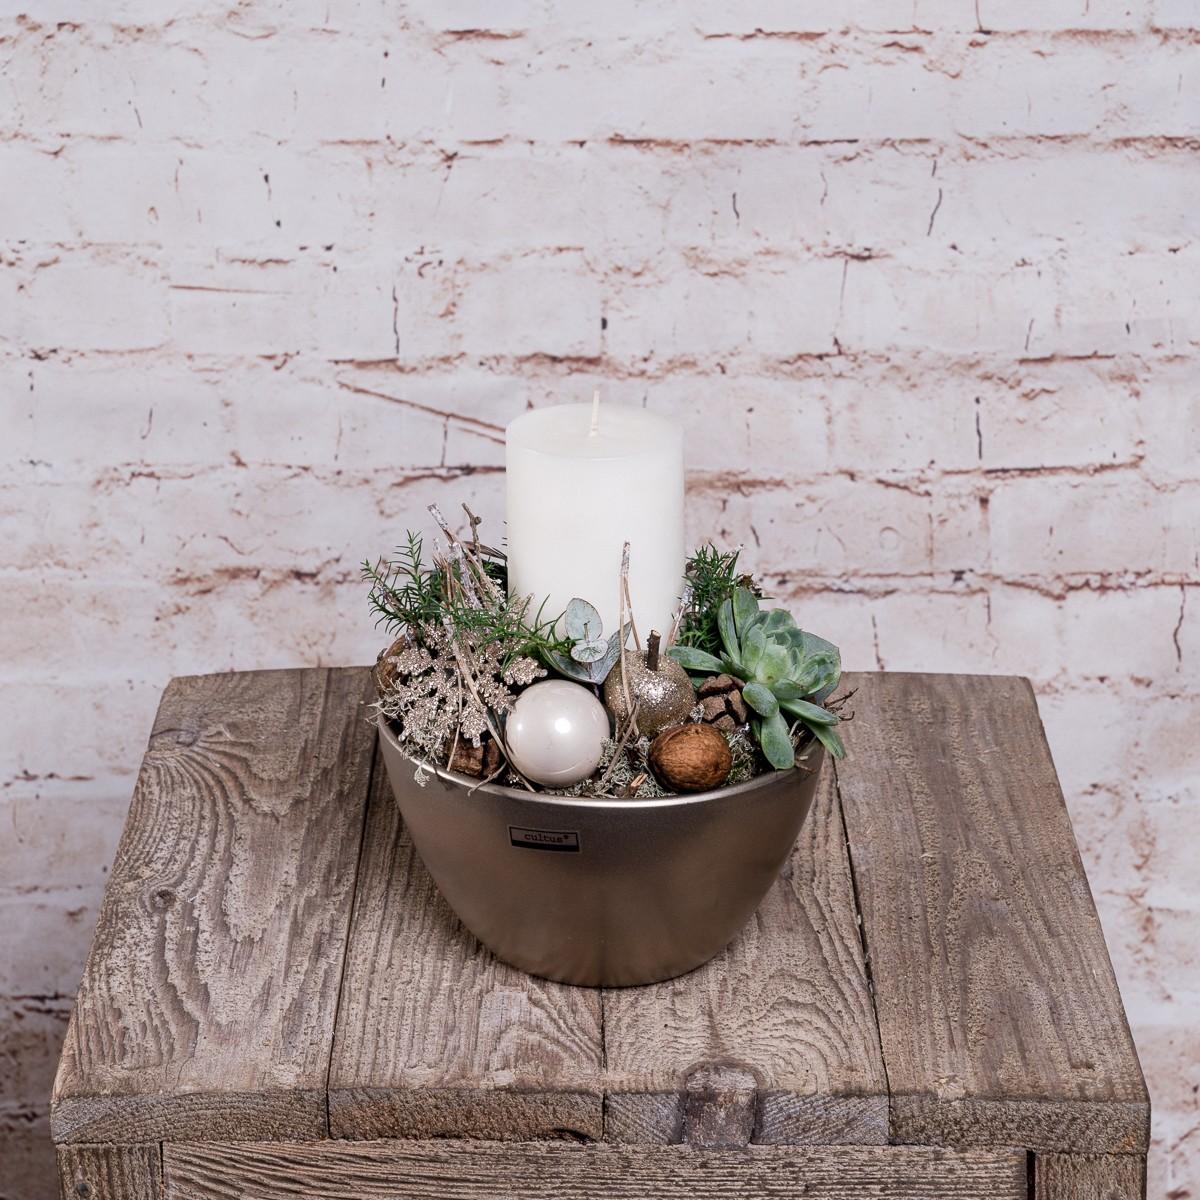 Kerzengesteck in Silber-Grün Tönen Bild 1